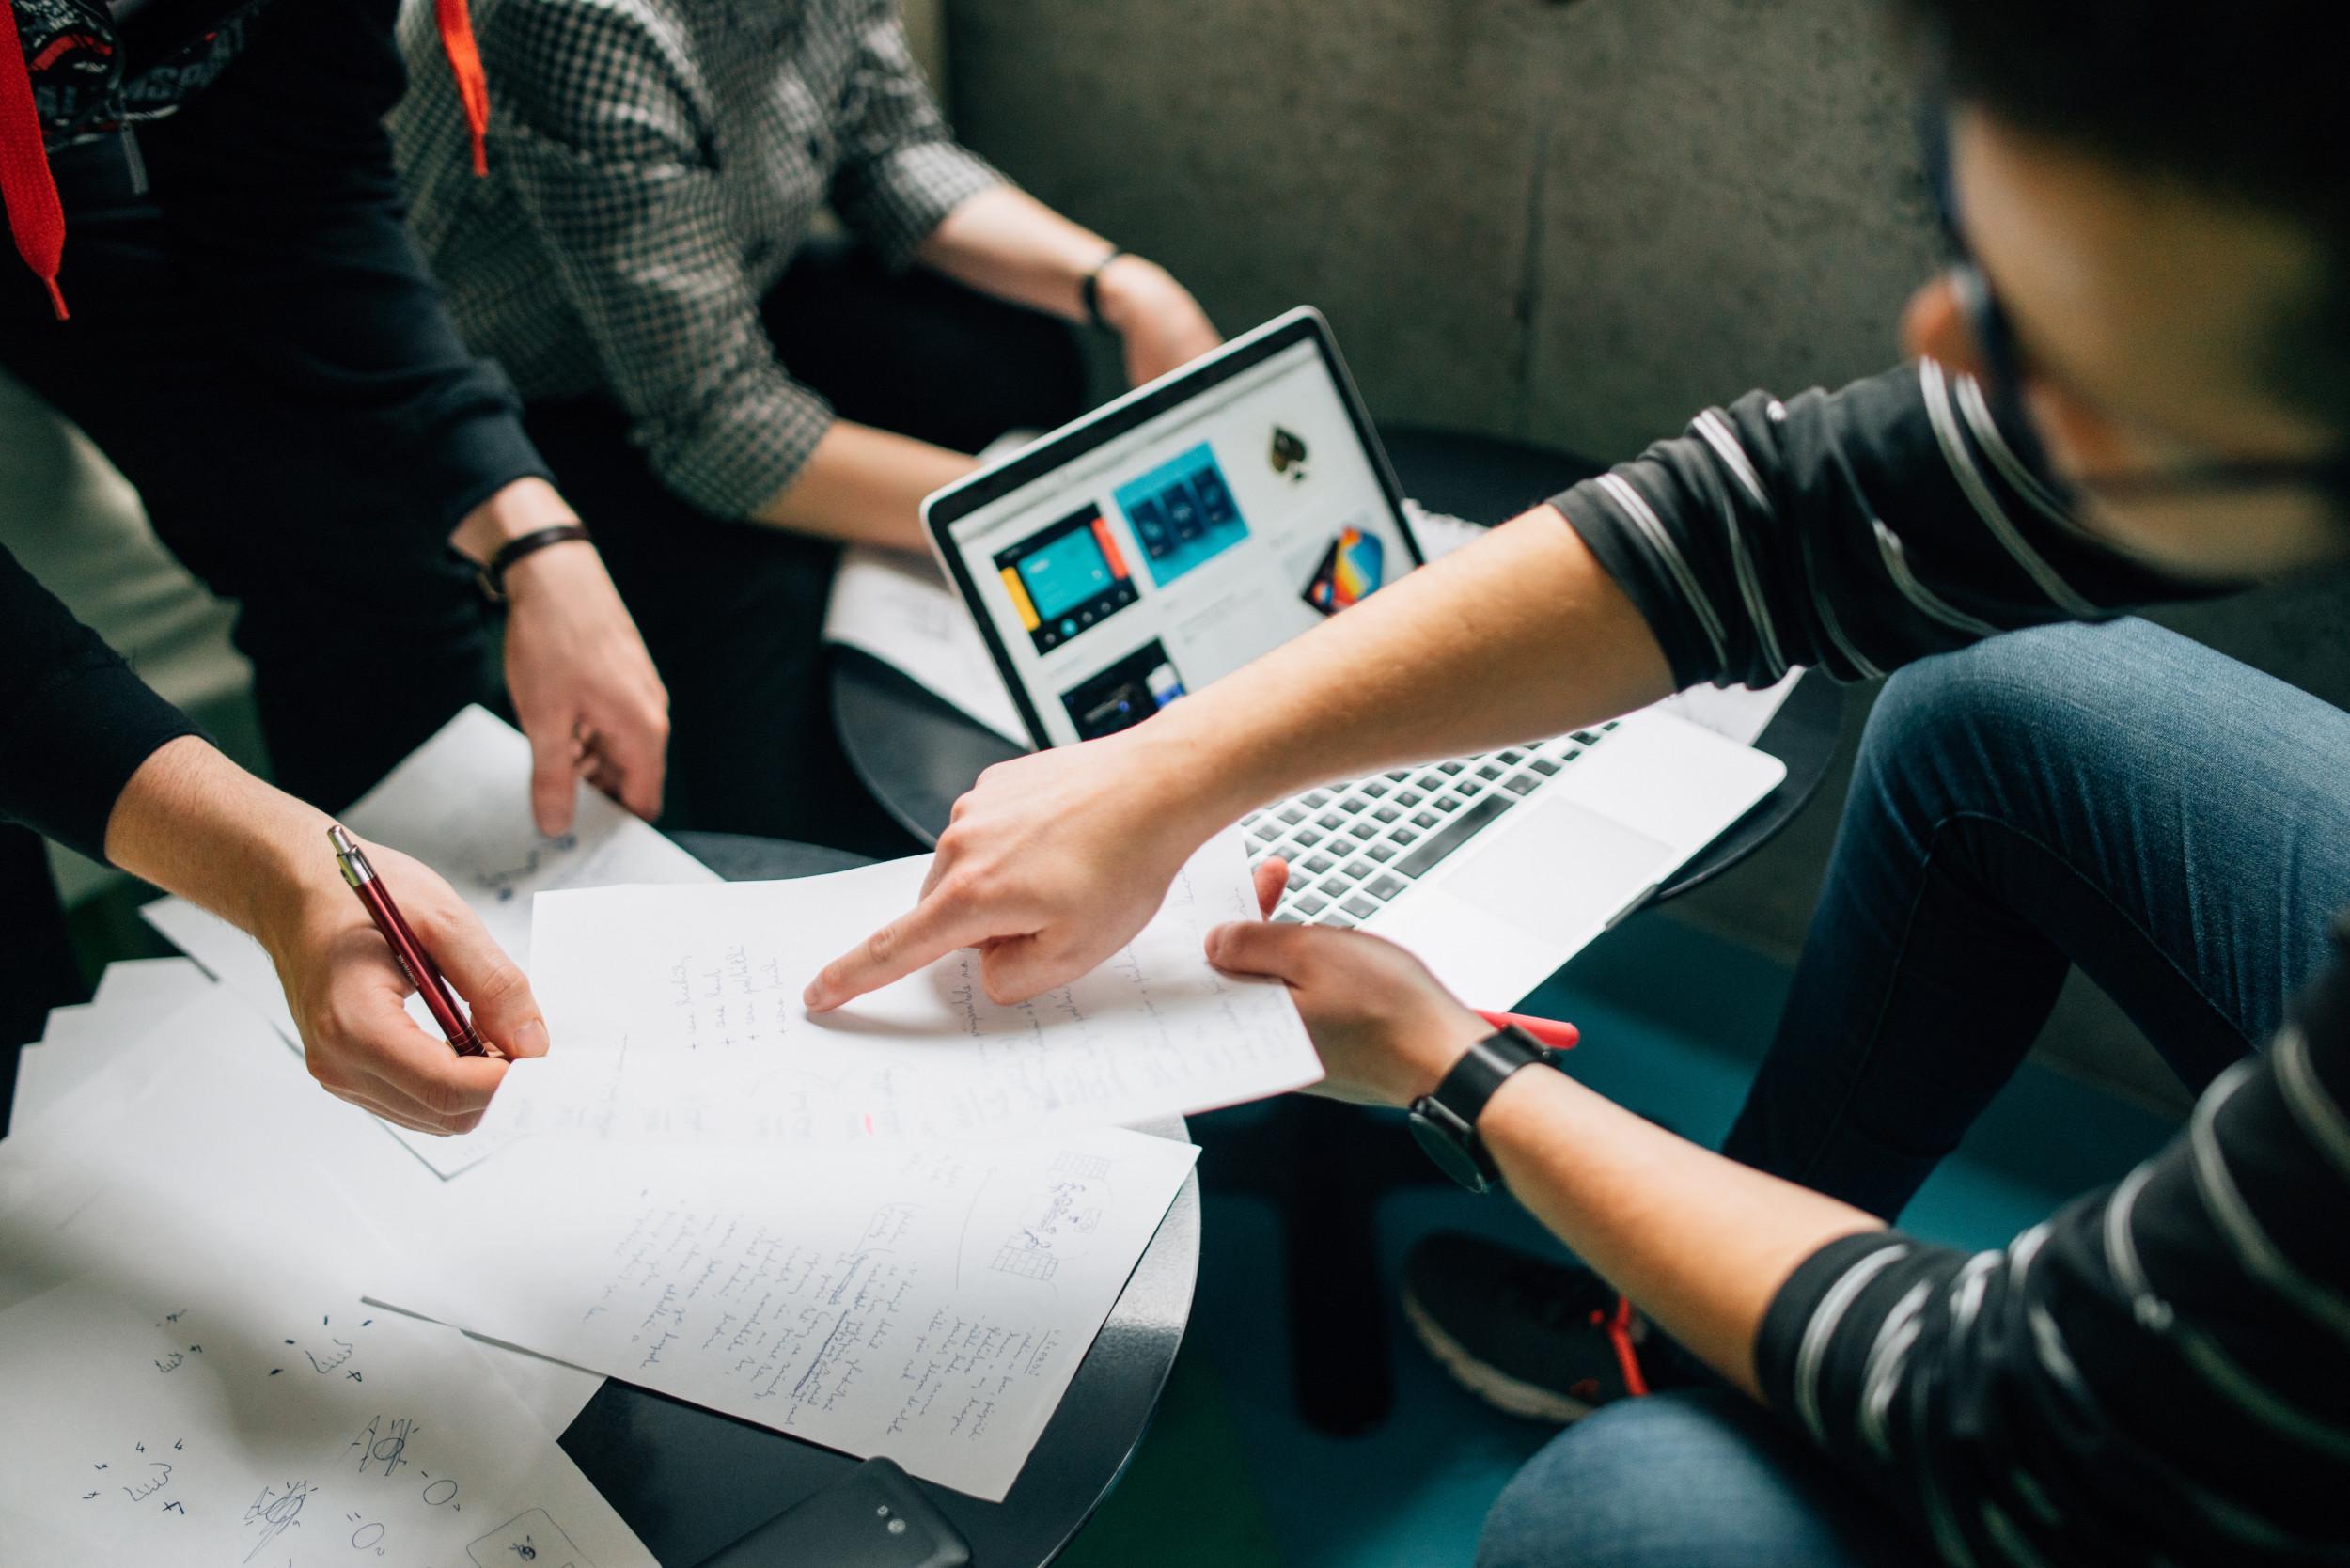 5 причин, из-за которых ваш отдел дизайна пока не готов к росту